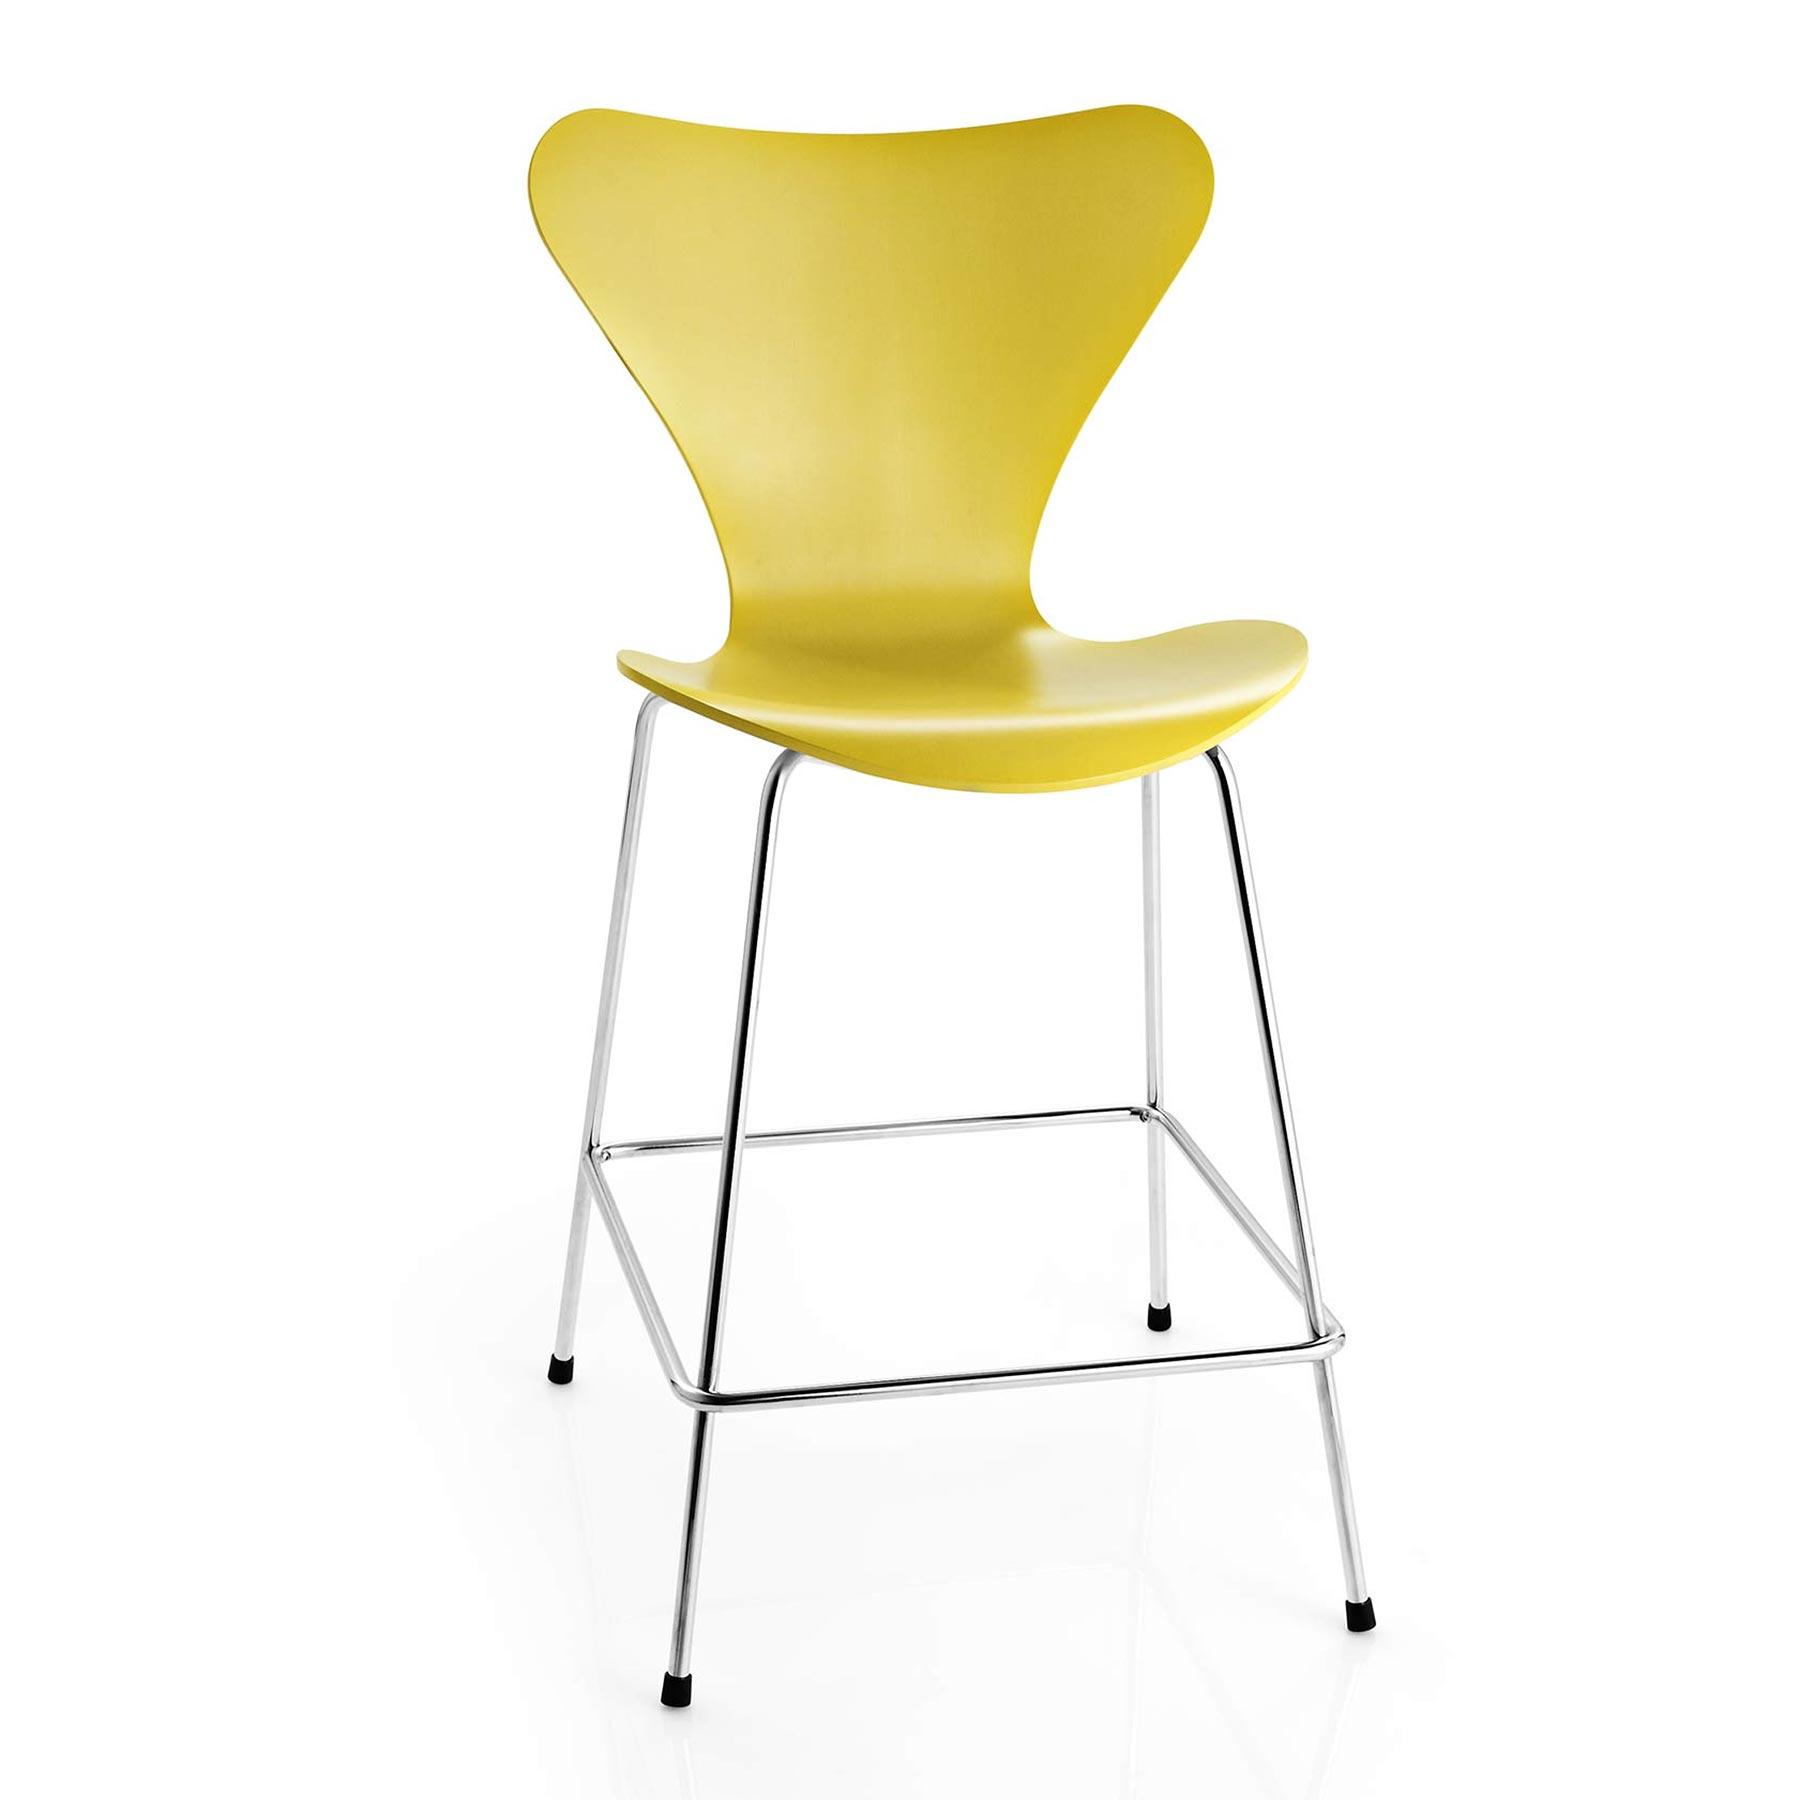 barhocker 3197 serie 7 von fritz hansen. Black Bedroom Furniture Sets. Home Design Ideas